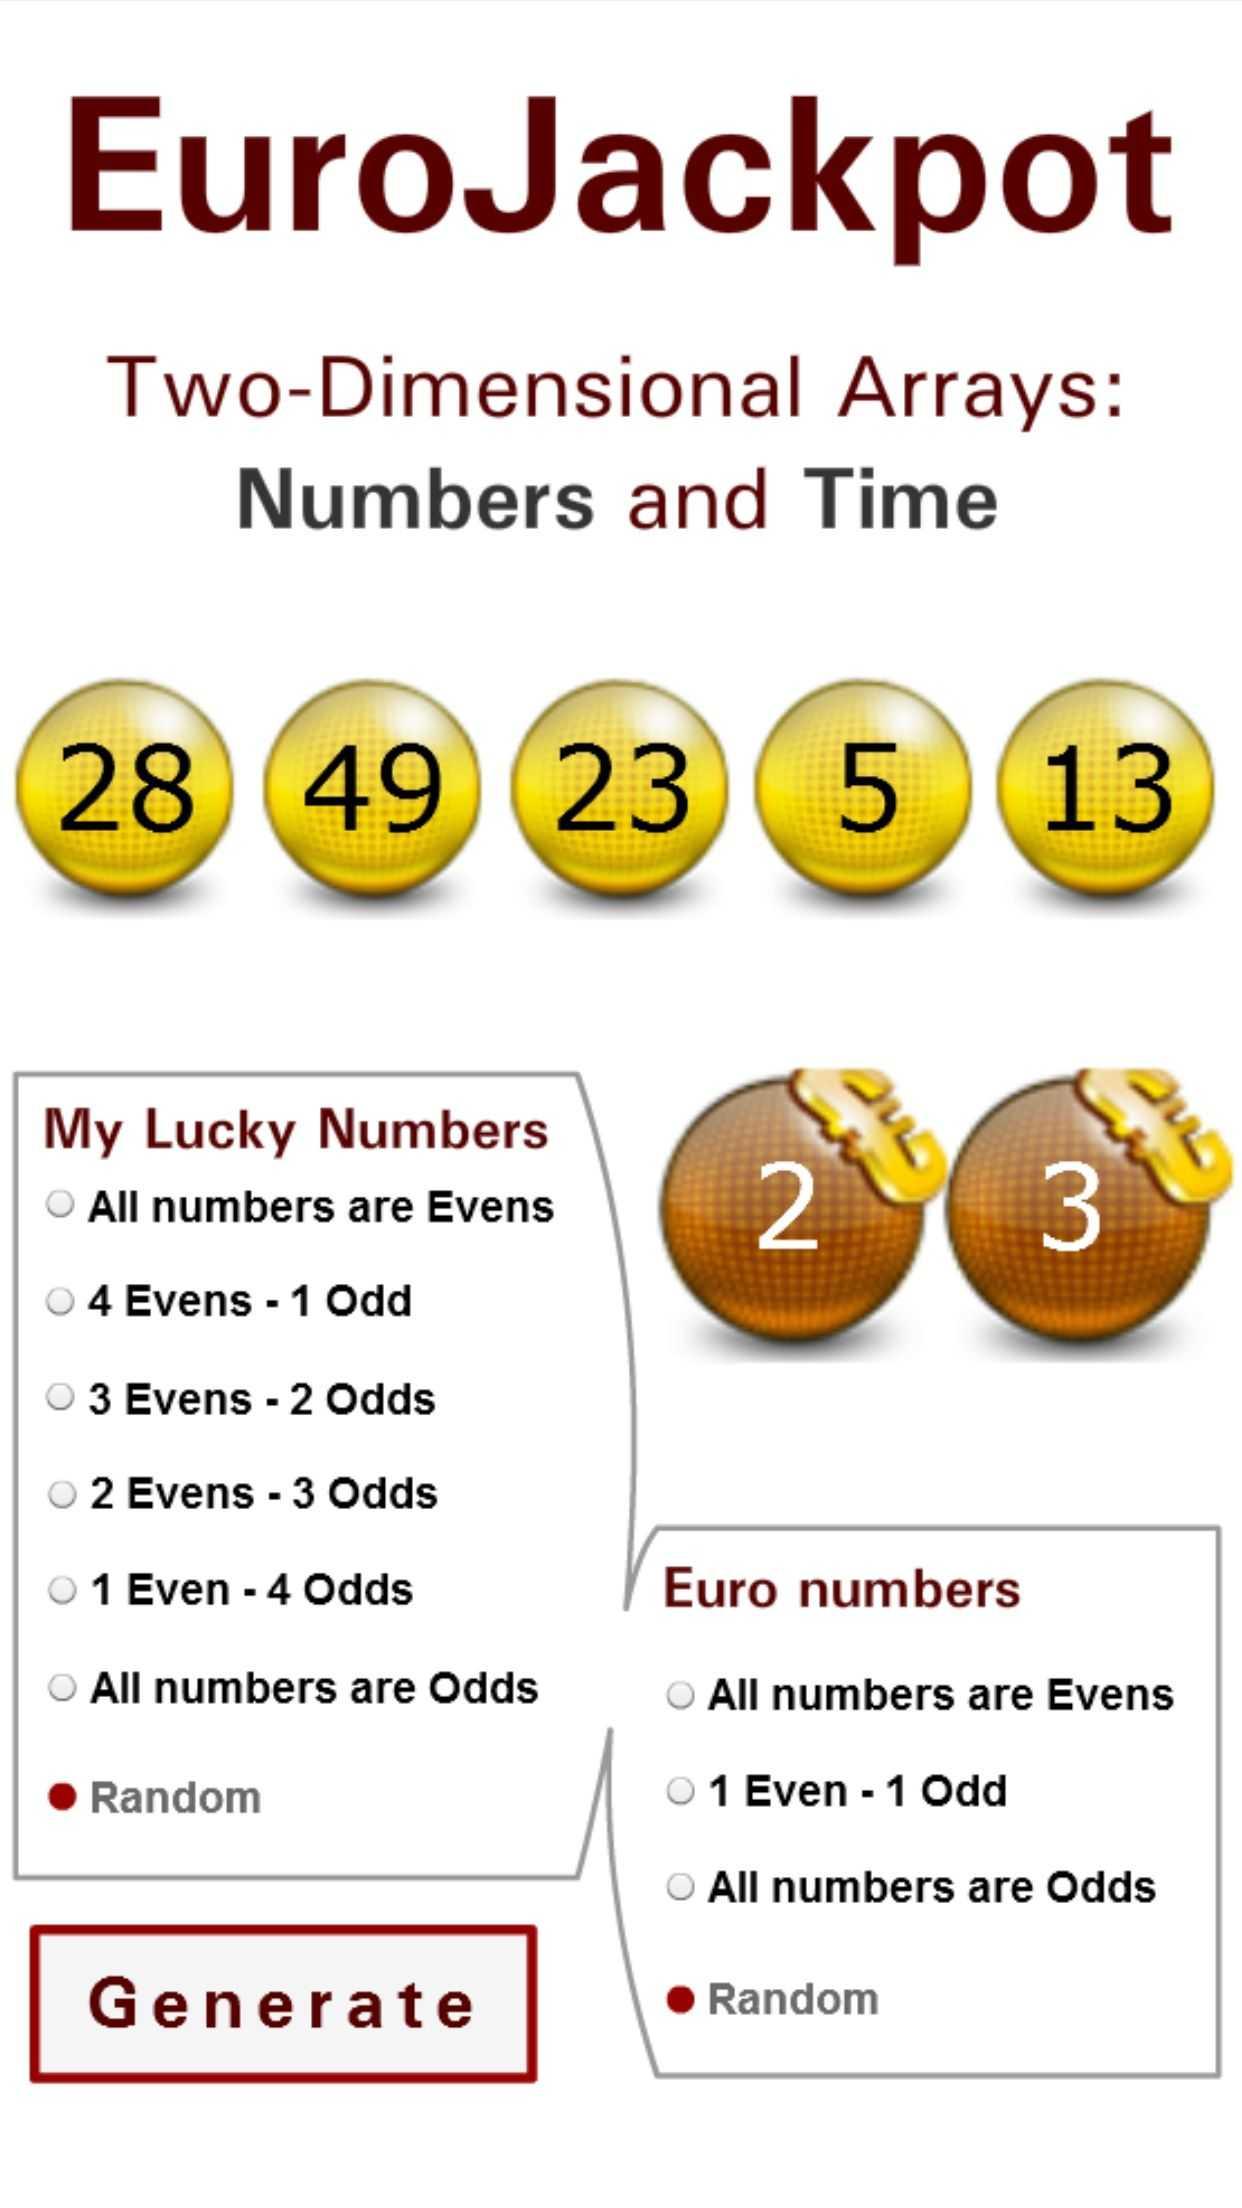 Výsledky losování Eurojackpot